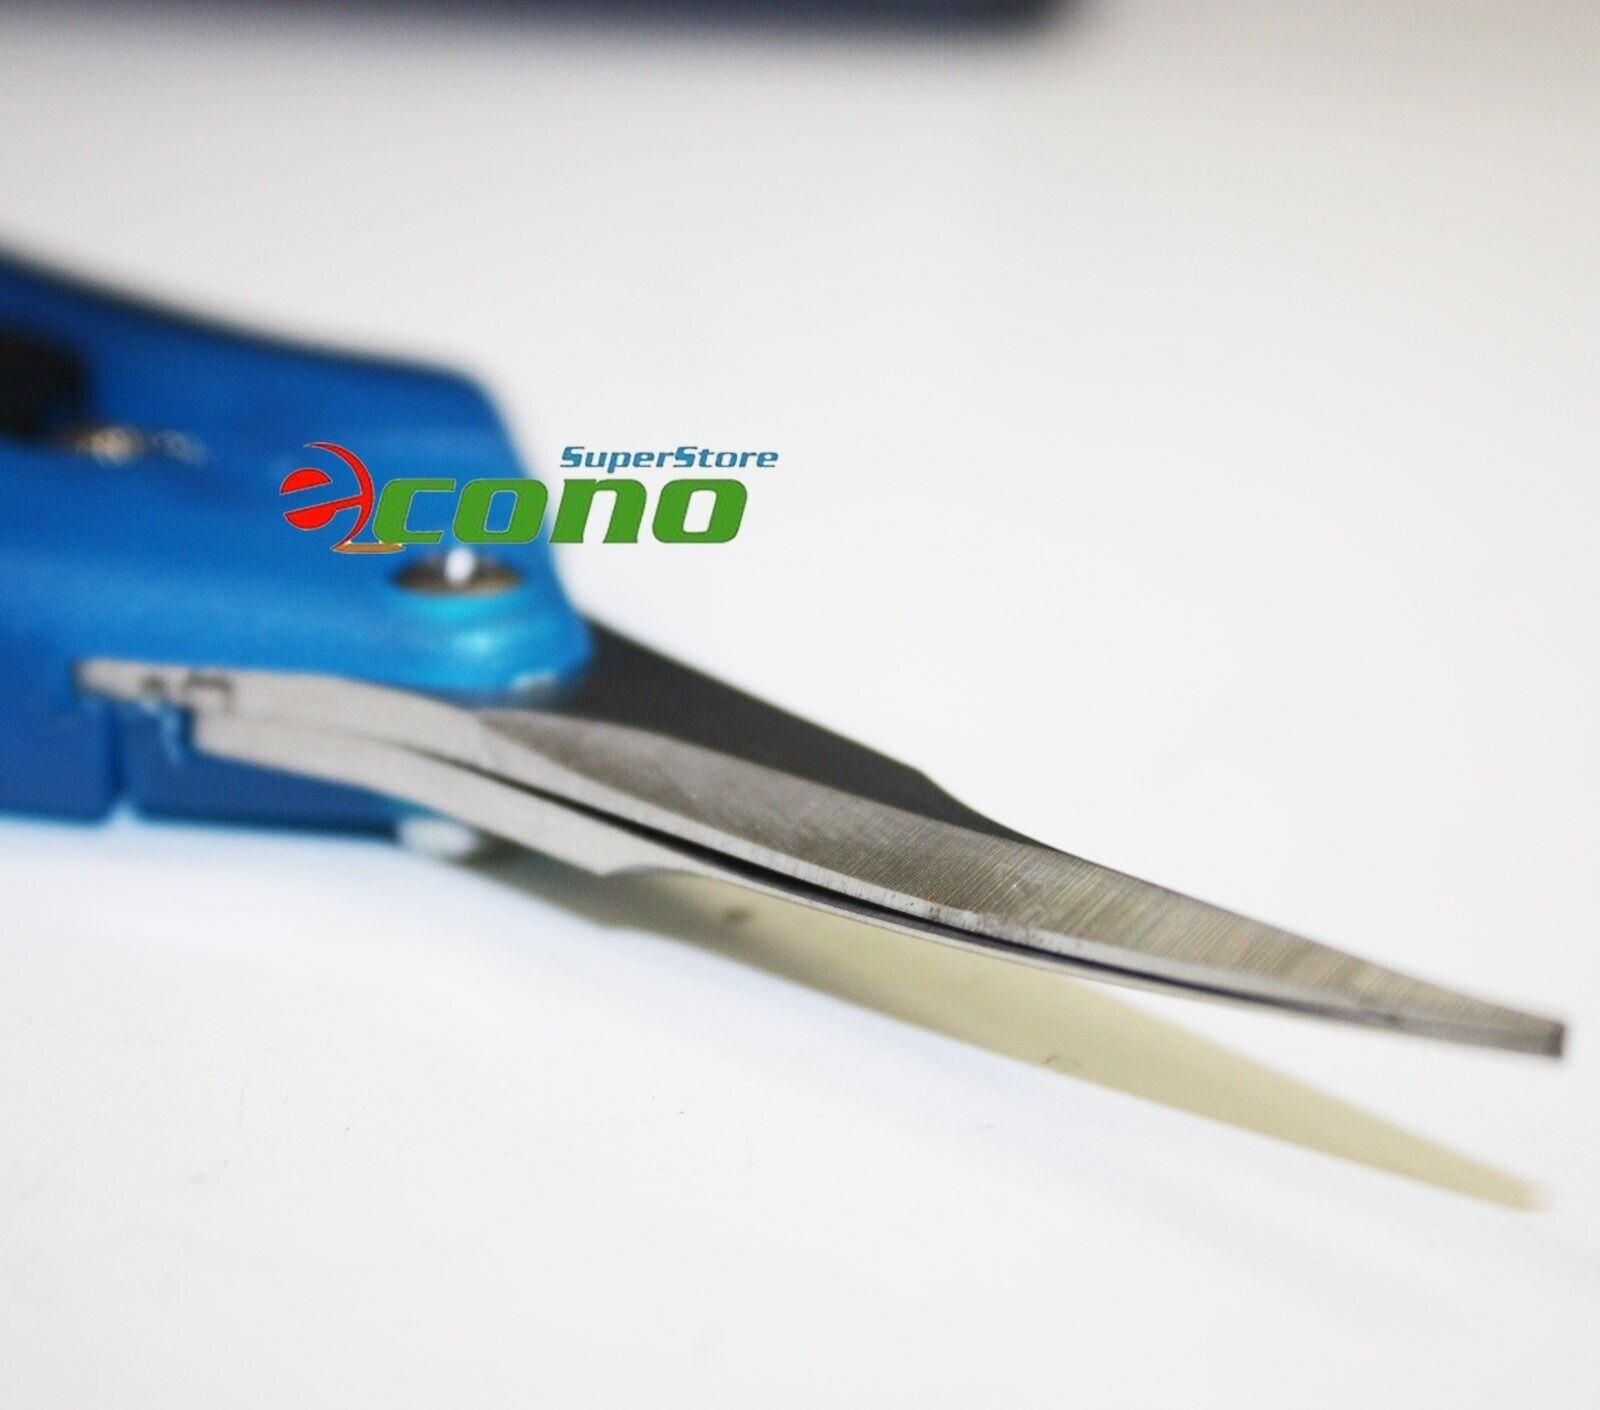 Lot 2 Curved Blade Trimming Scissors Hydroponics Leaf Bud Sharp harvest trimmer